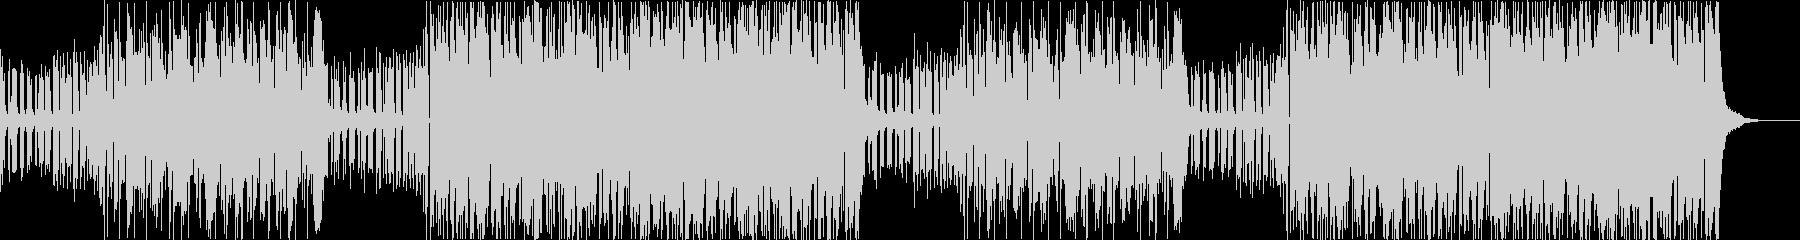 2つのジャンルを繰り返すEDMの未再生の波形